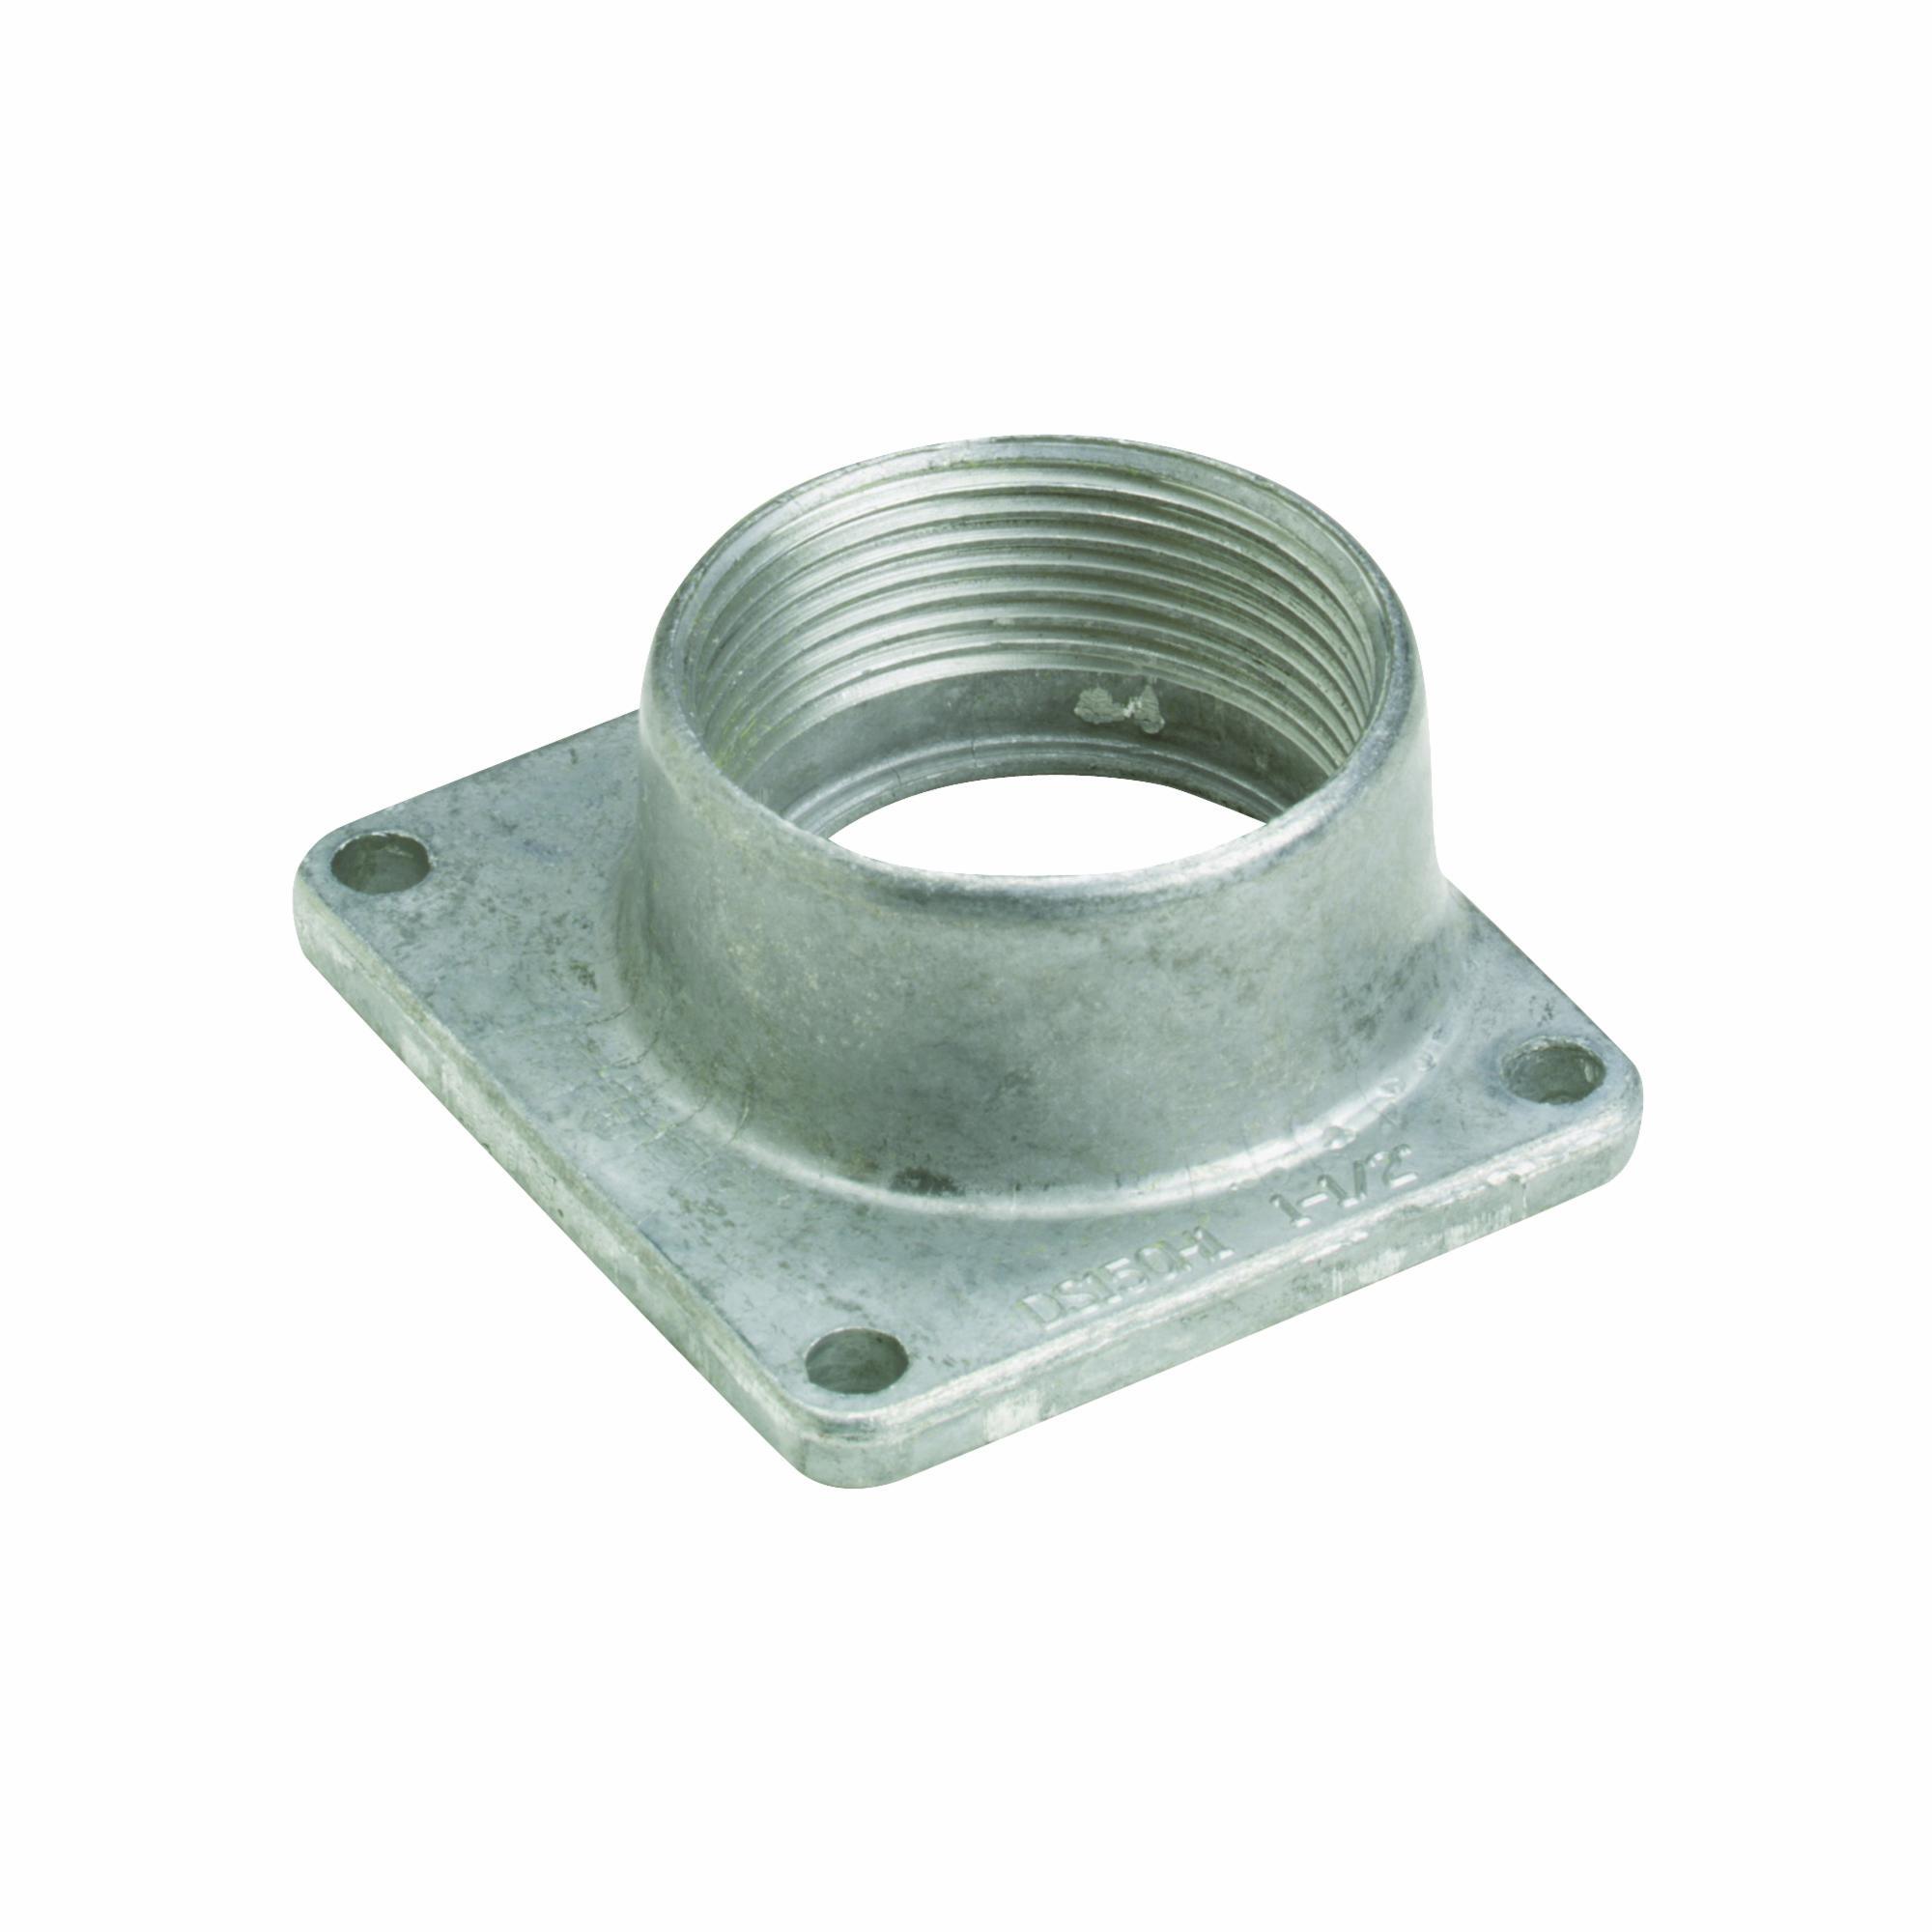 Cutler-Hammer DS150H1P